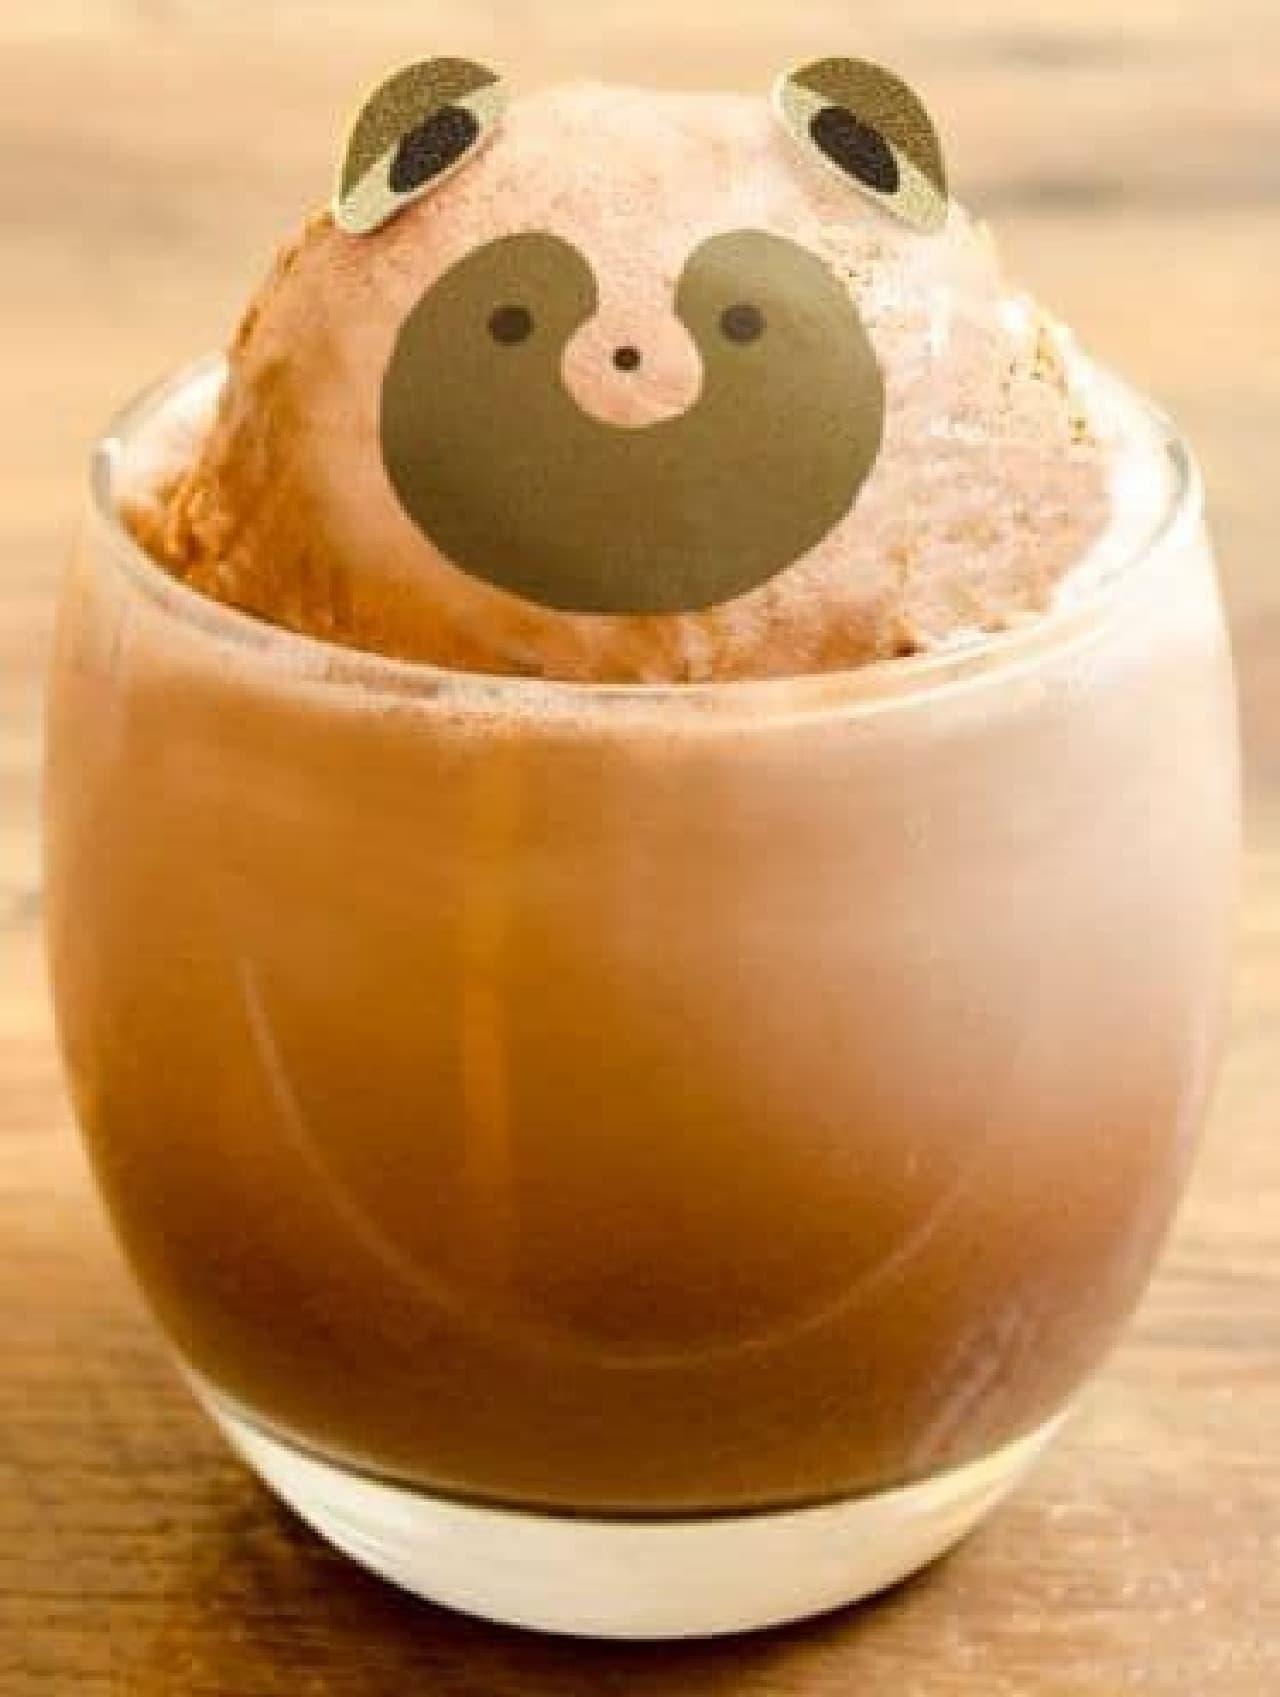 アイスココアの上にタヌキの顔をしたアイスが乗った、かわいらしいタヌキのアイスココアフロート